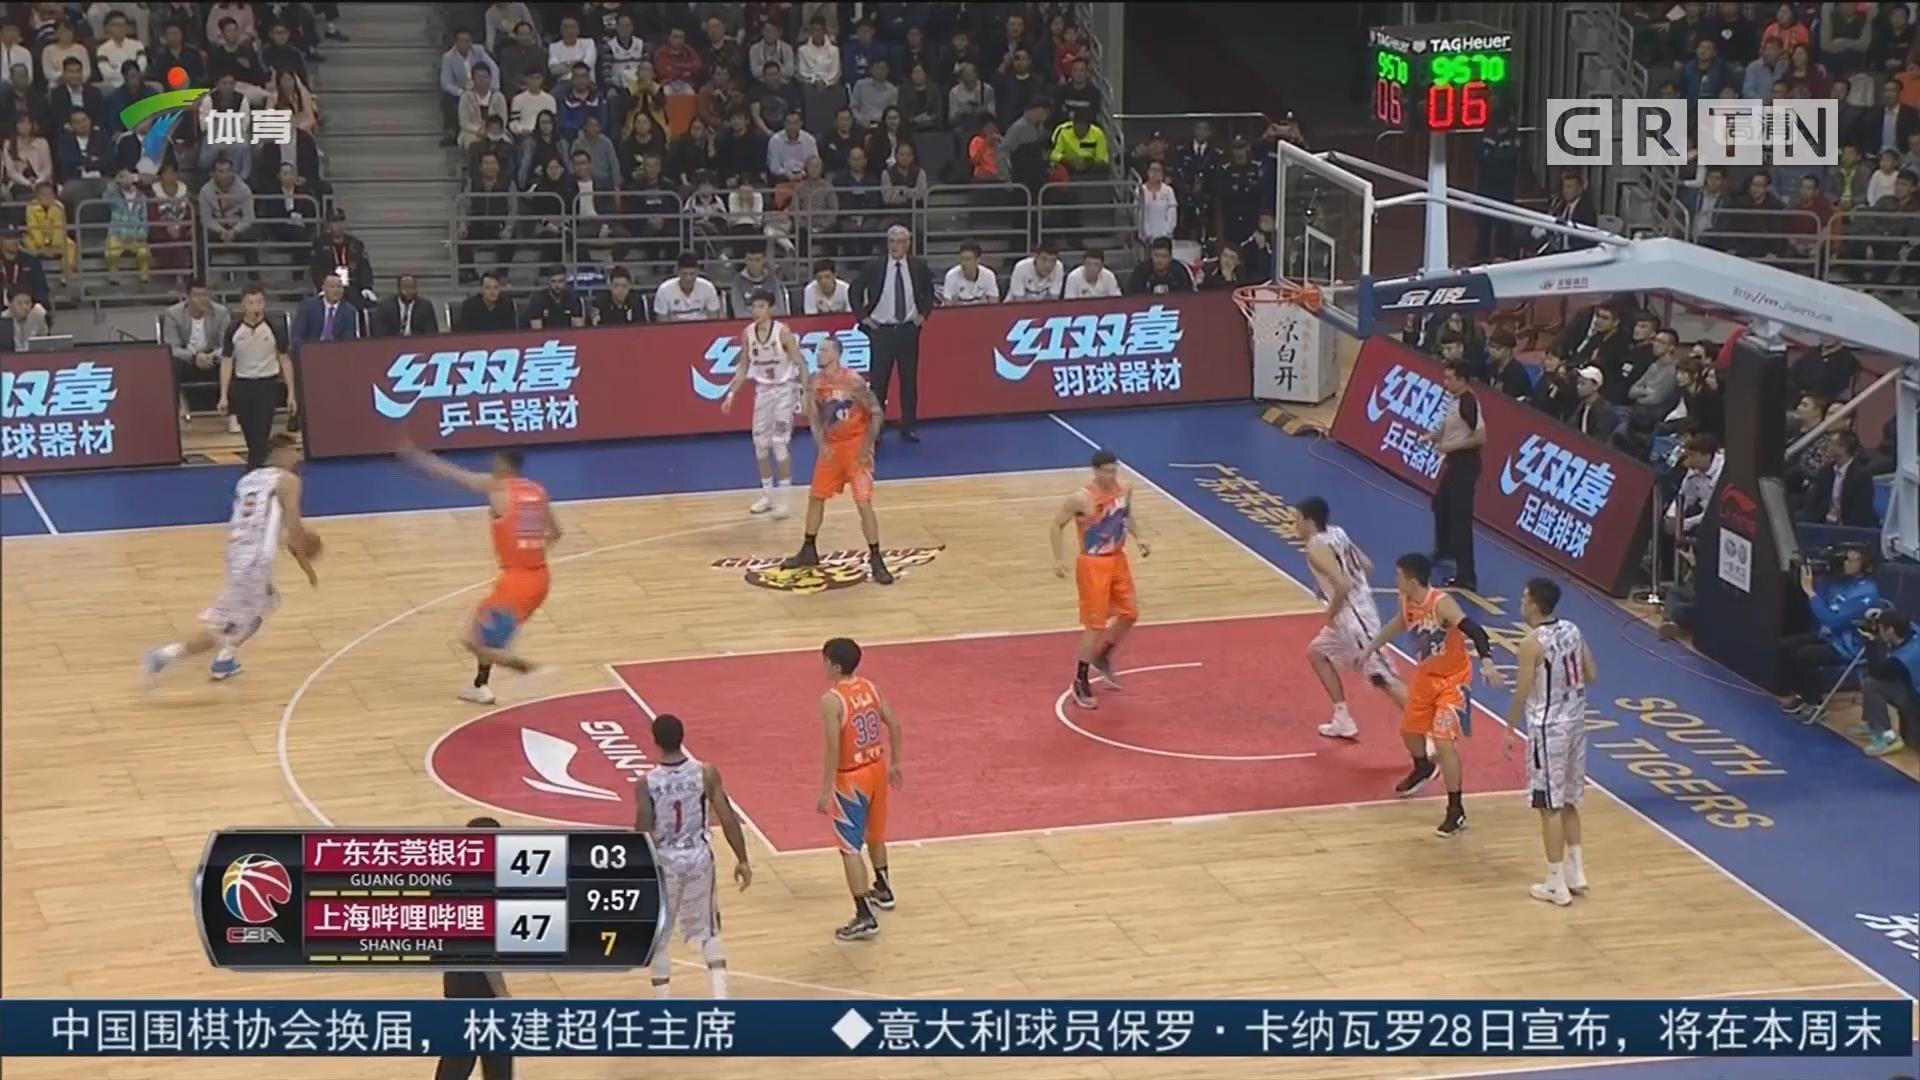 广东体育频道篮球评述员 陈阳:广东 vs 上海